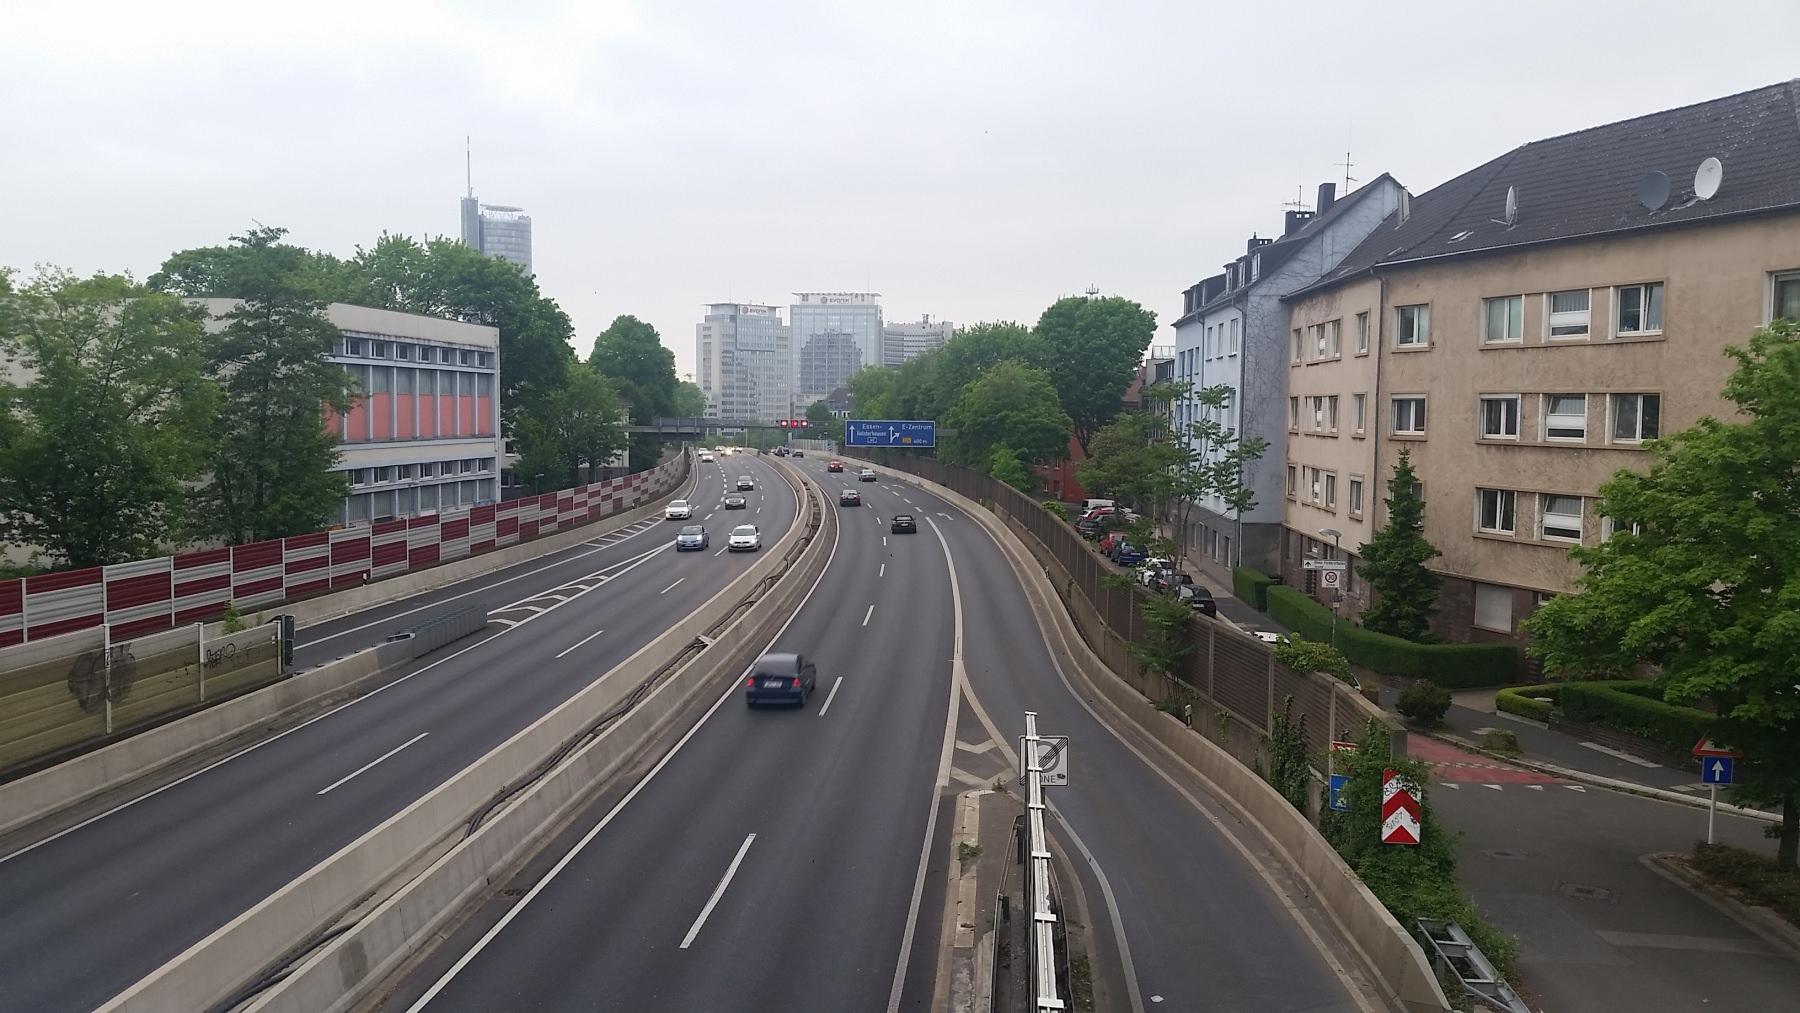 Bild der A40 in Essen Fahrverbot Stadt Diesel